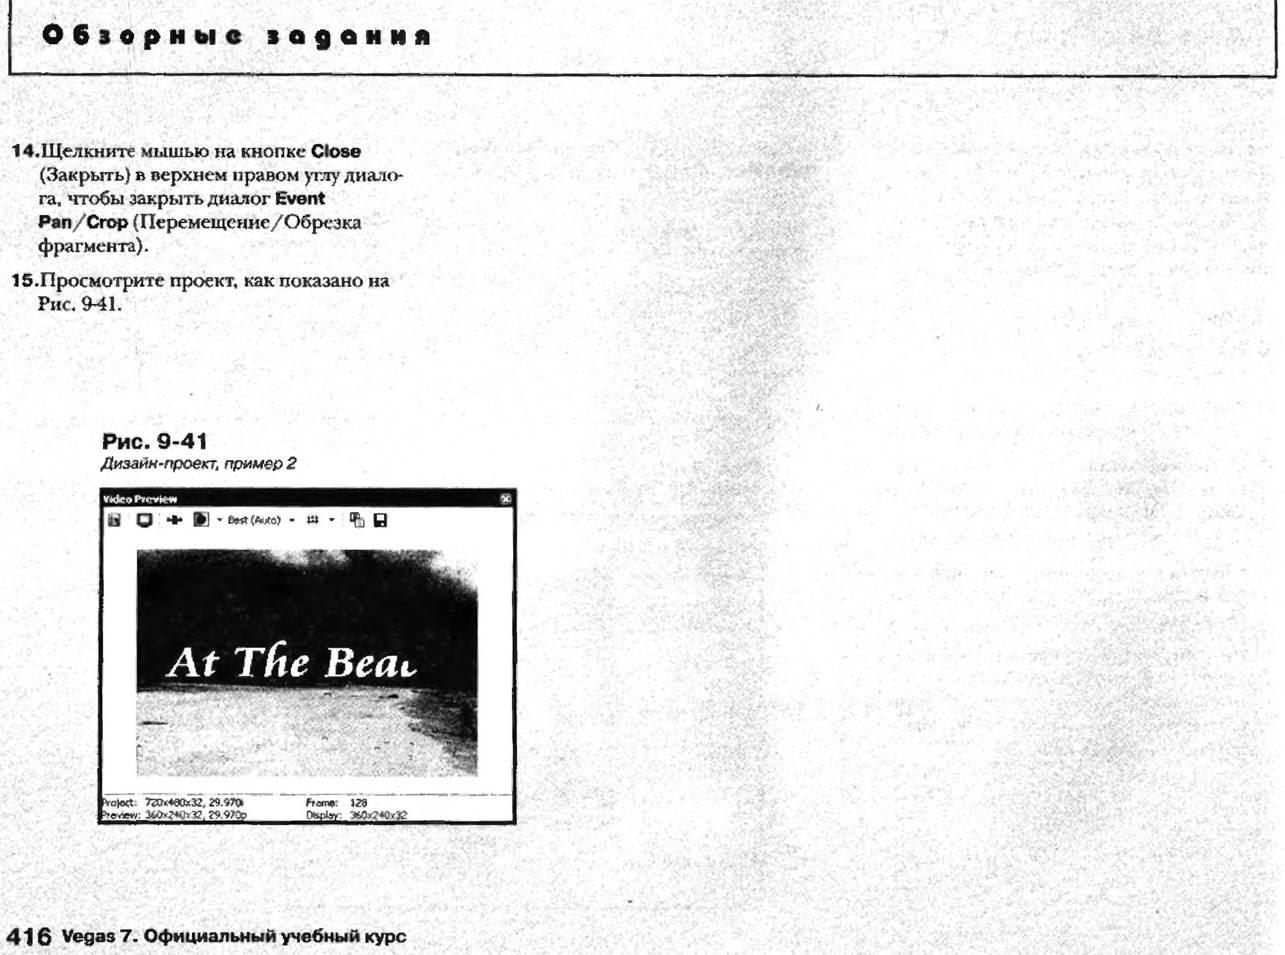 http://redaktori-uroki.3dn.ru/_ph/12/433382808.jpg